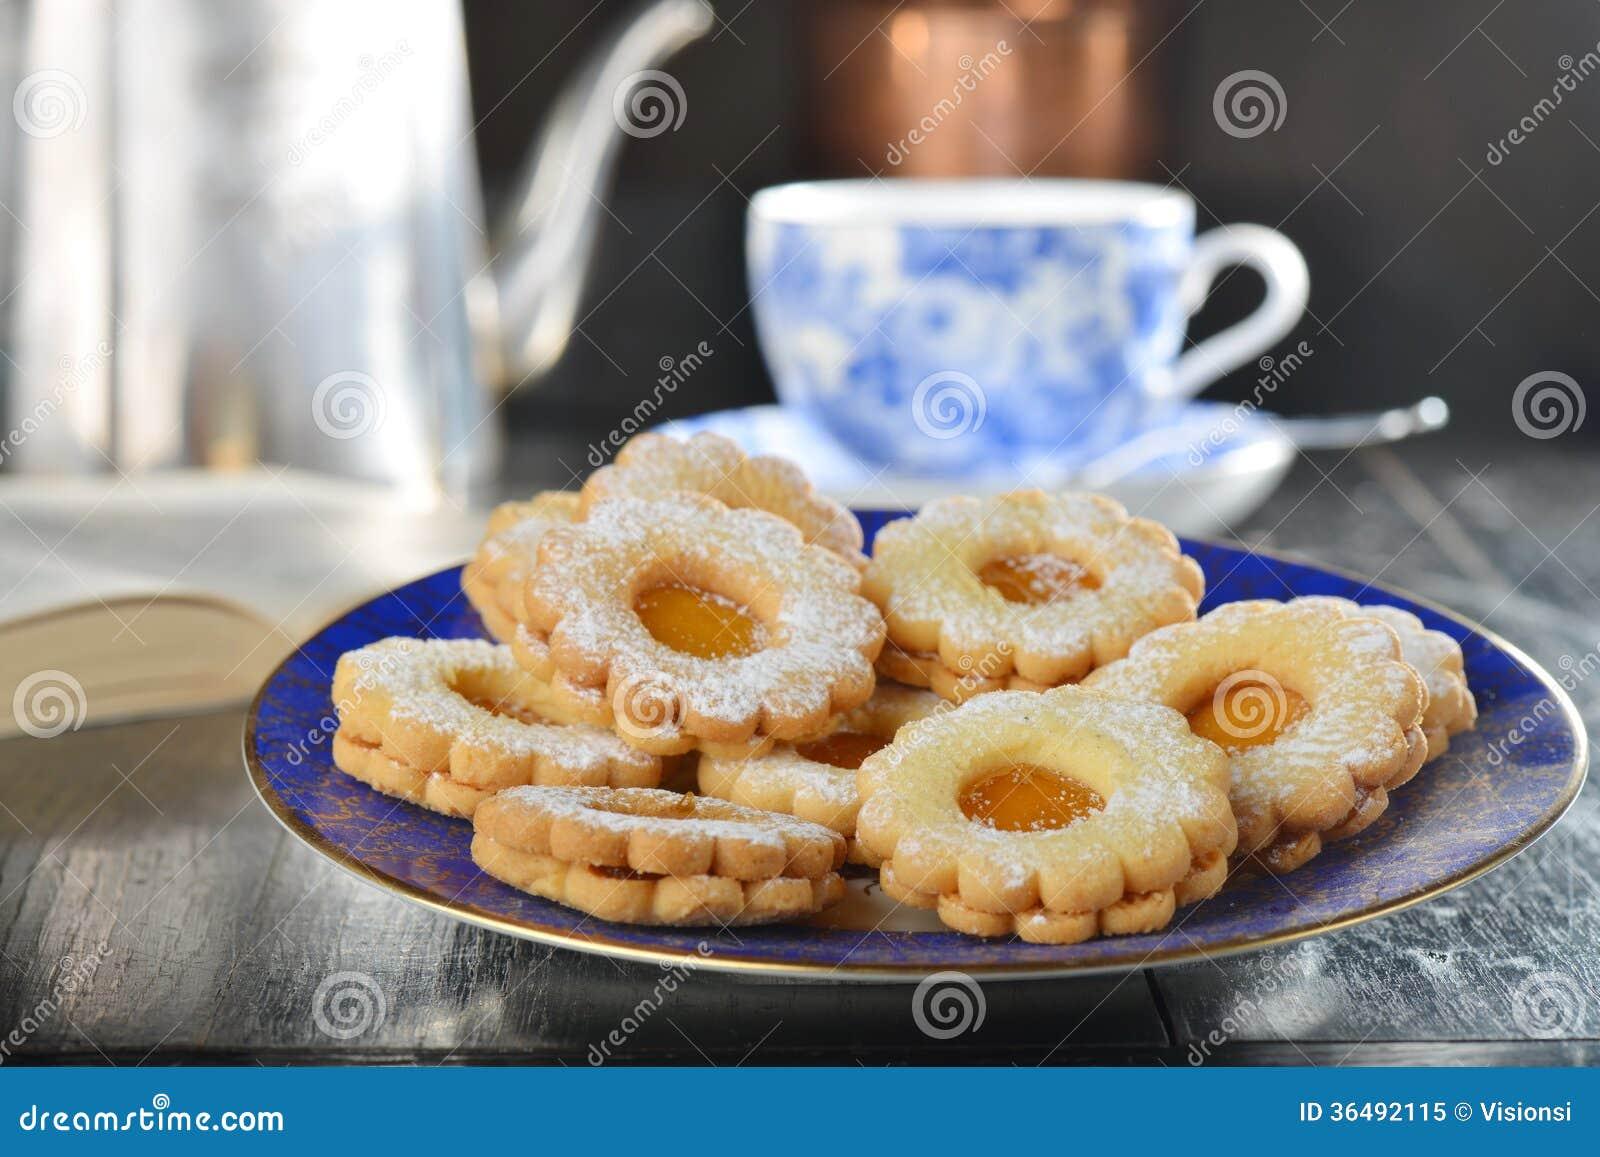 biscuits-d%C3%A9licieux-de-confiture-avec-la-tasse-de-th%C3%A9-anglais-36492115